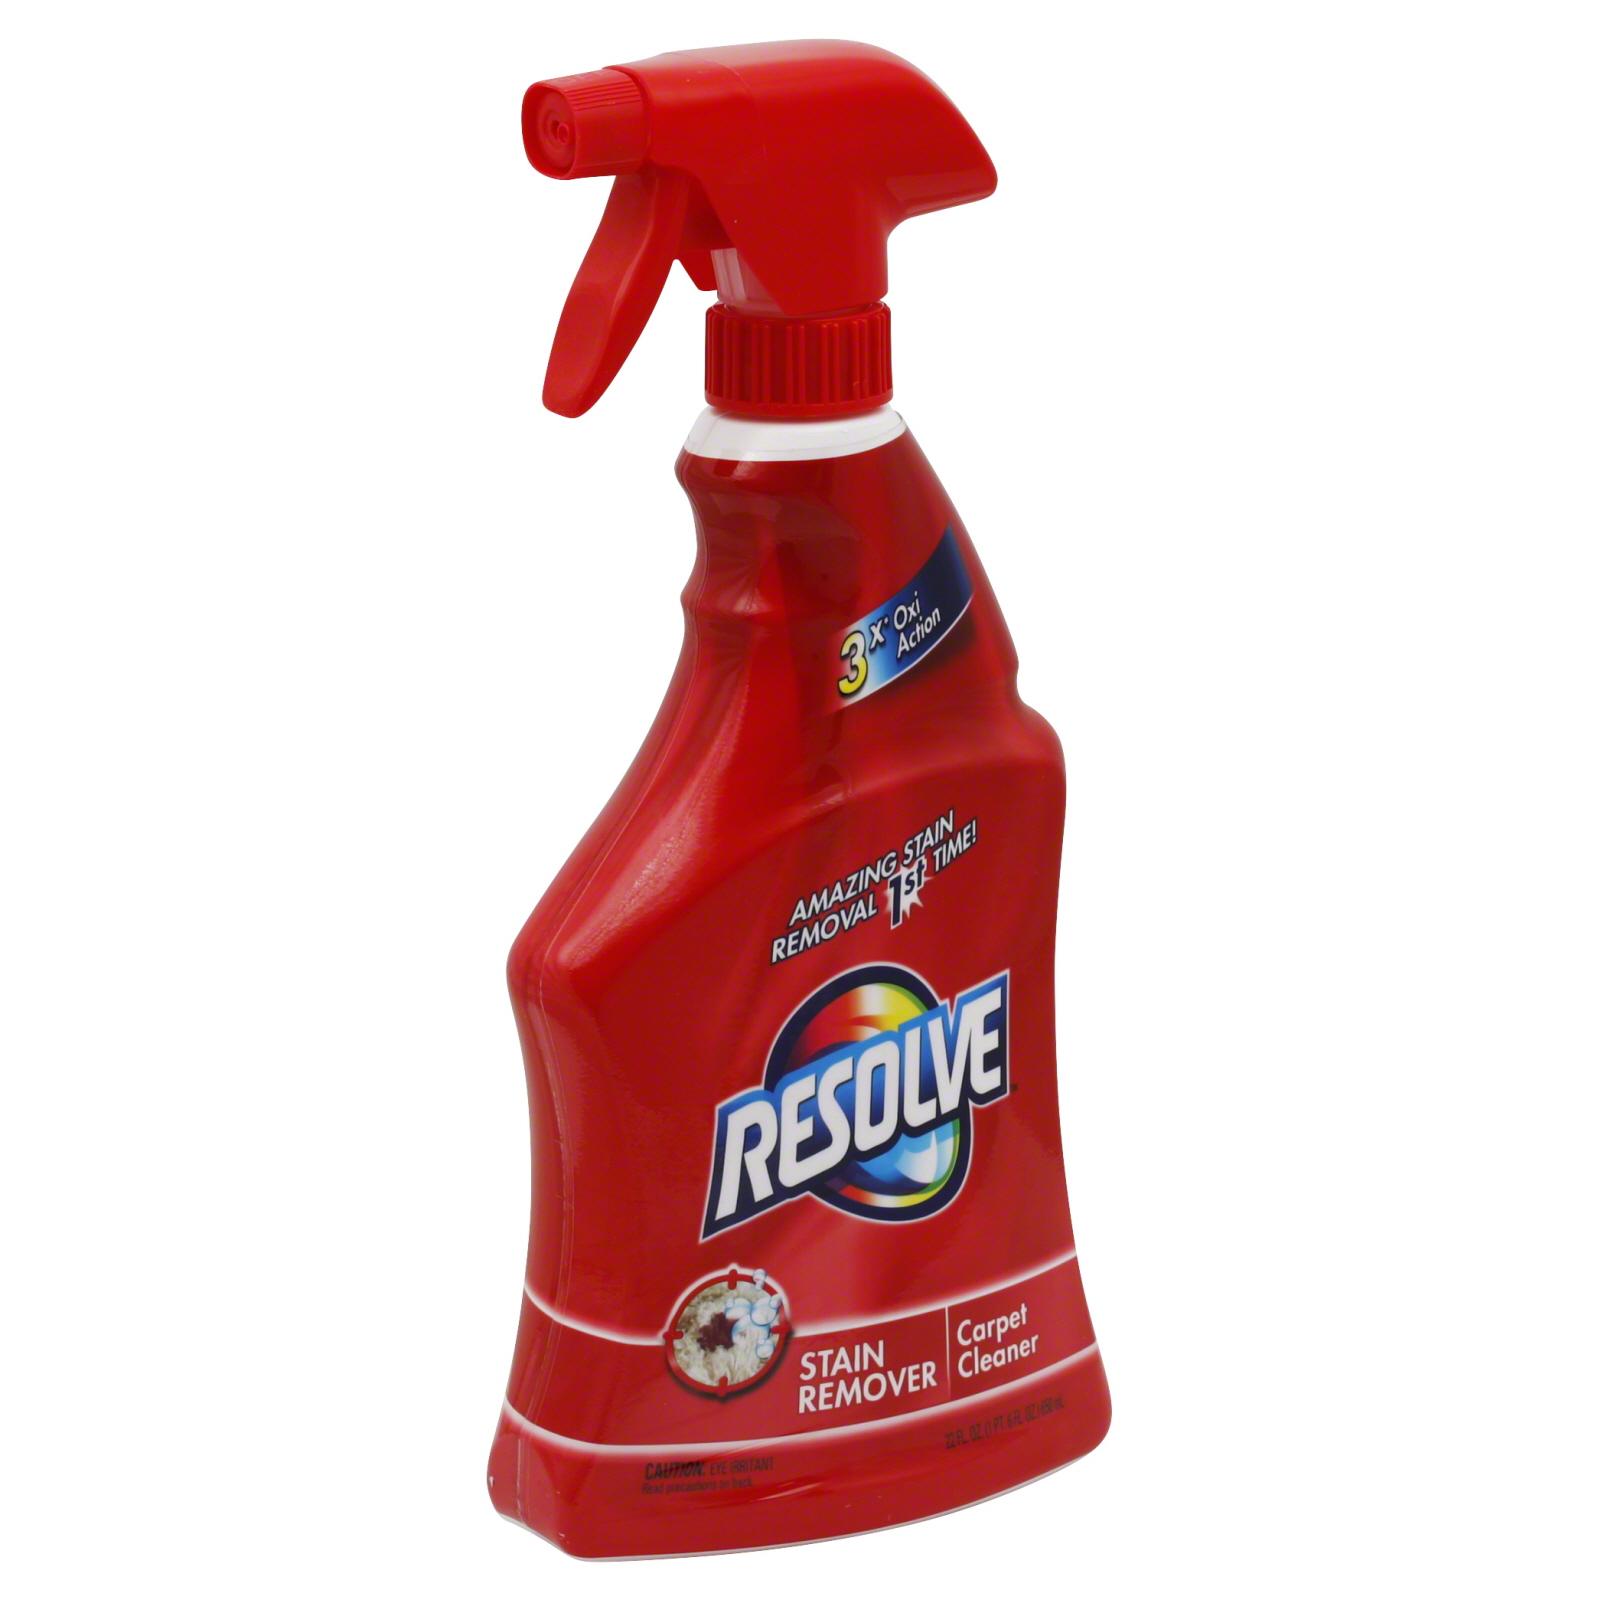 Stain Remover, Carpet Cleaner, 22 fl oz (1 pt